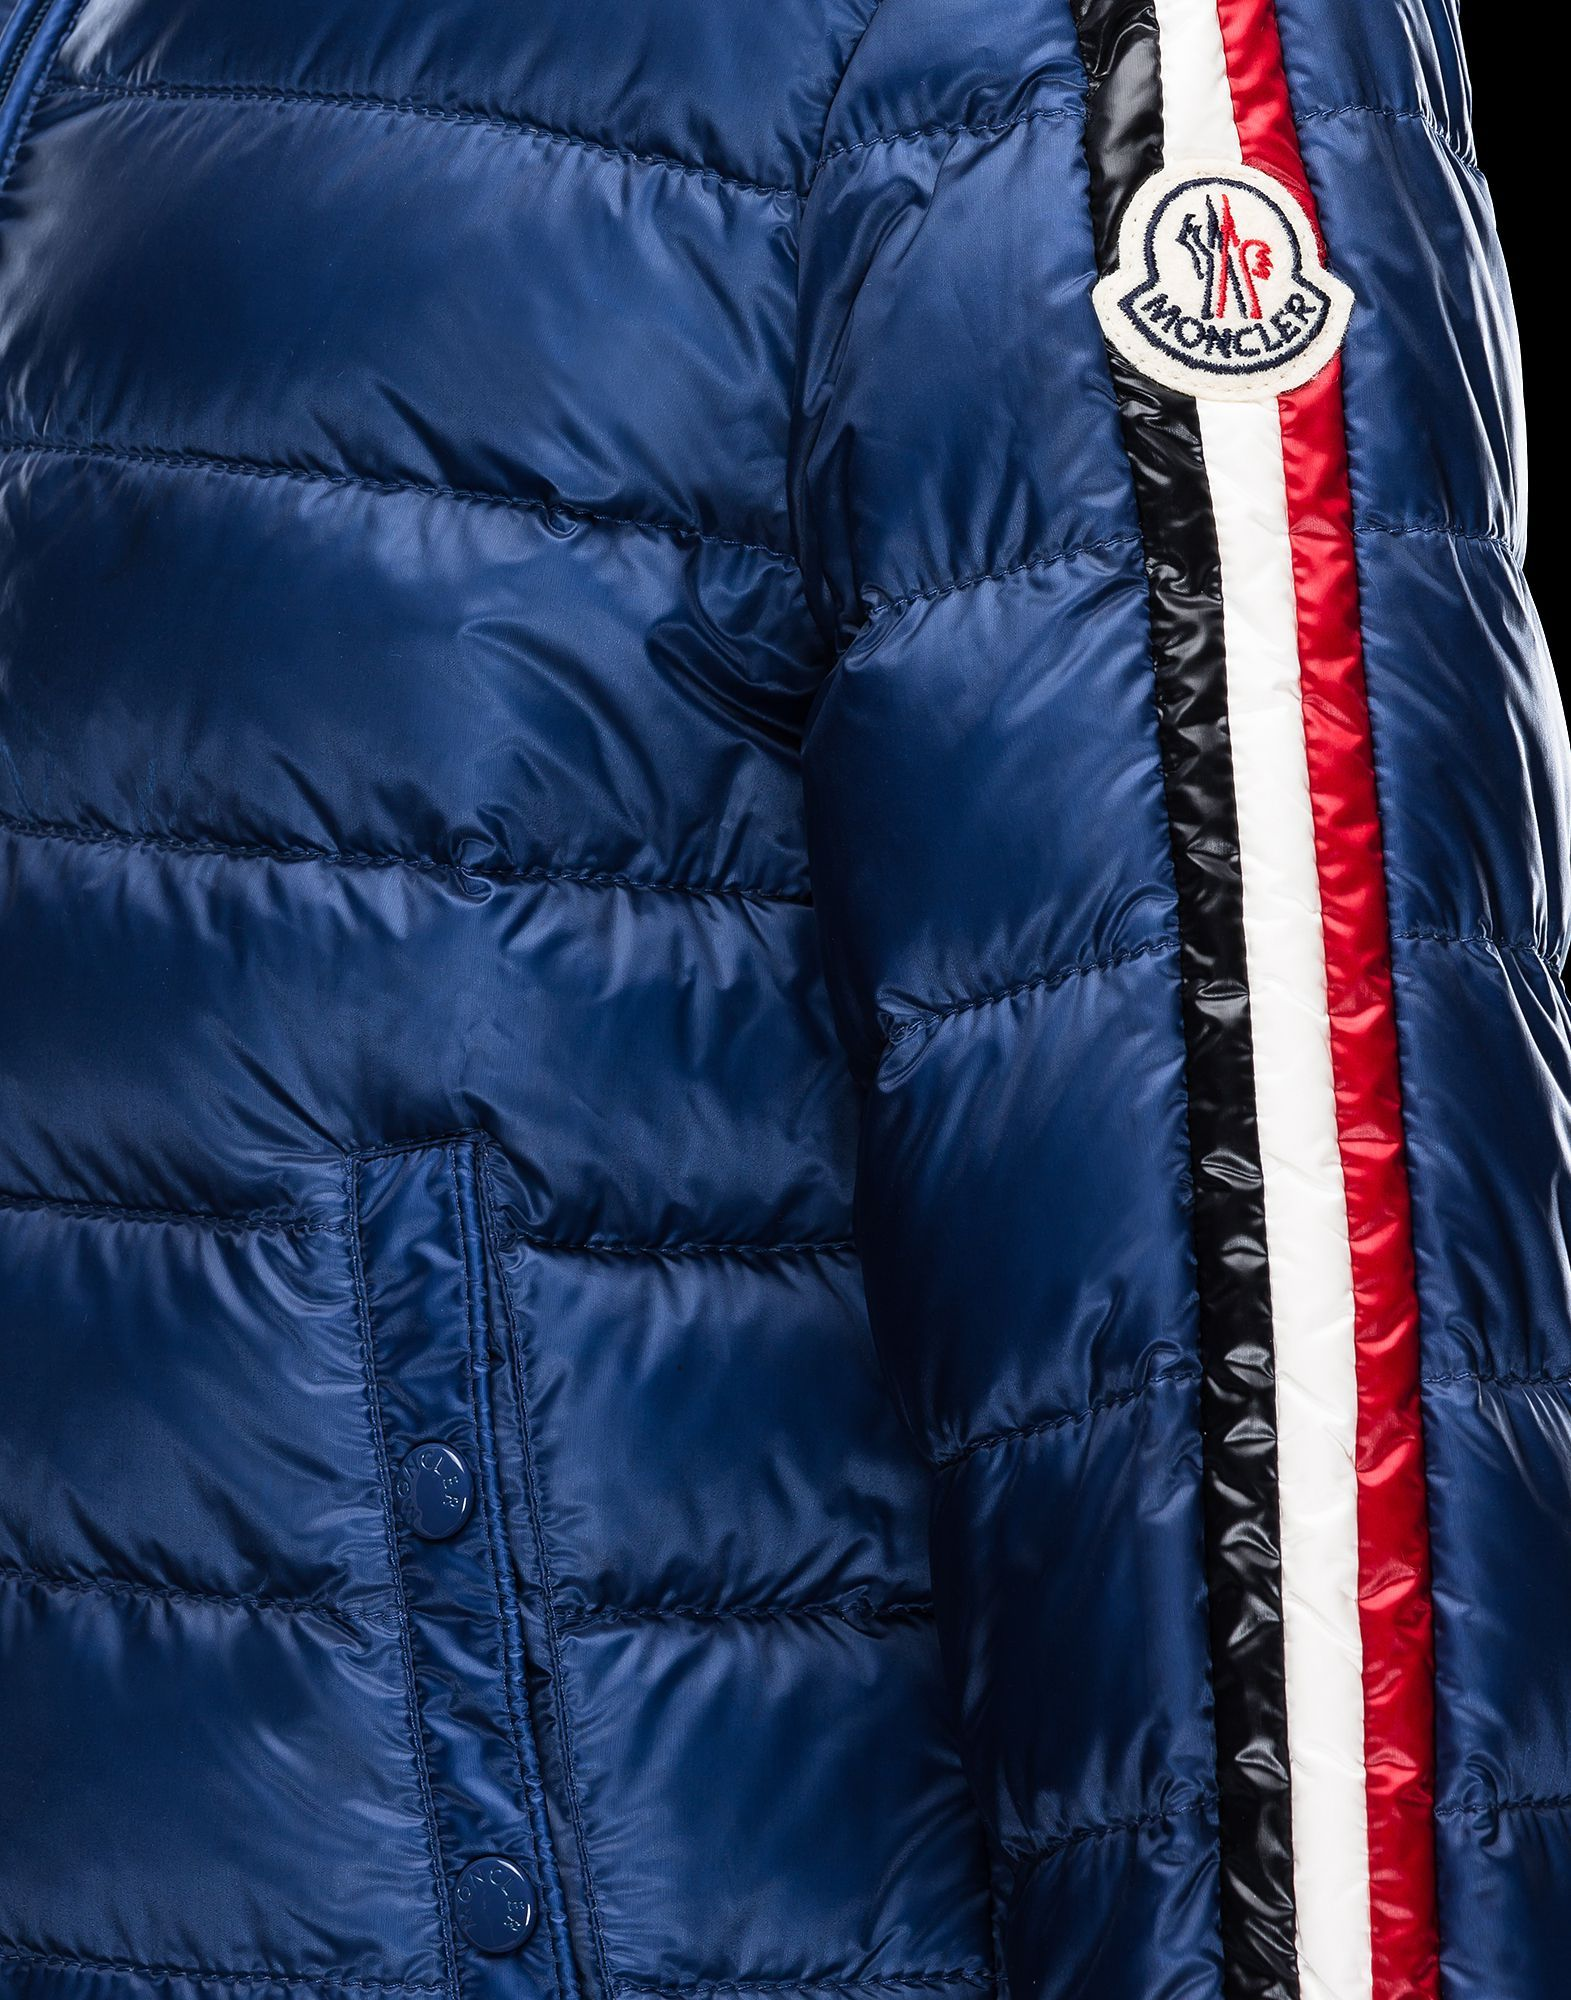 Moncler Online Store Jacket Boy Boys jacket, Jackets